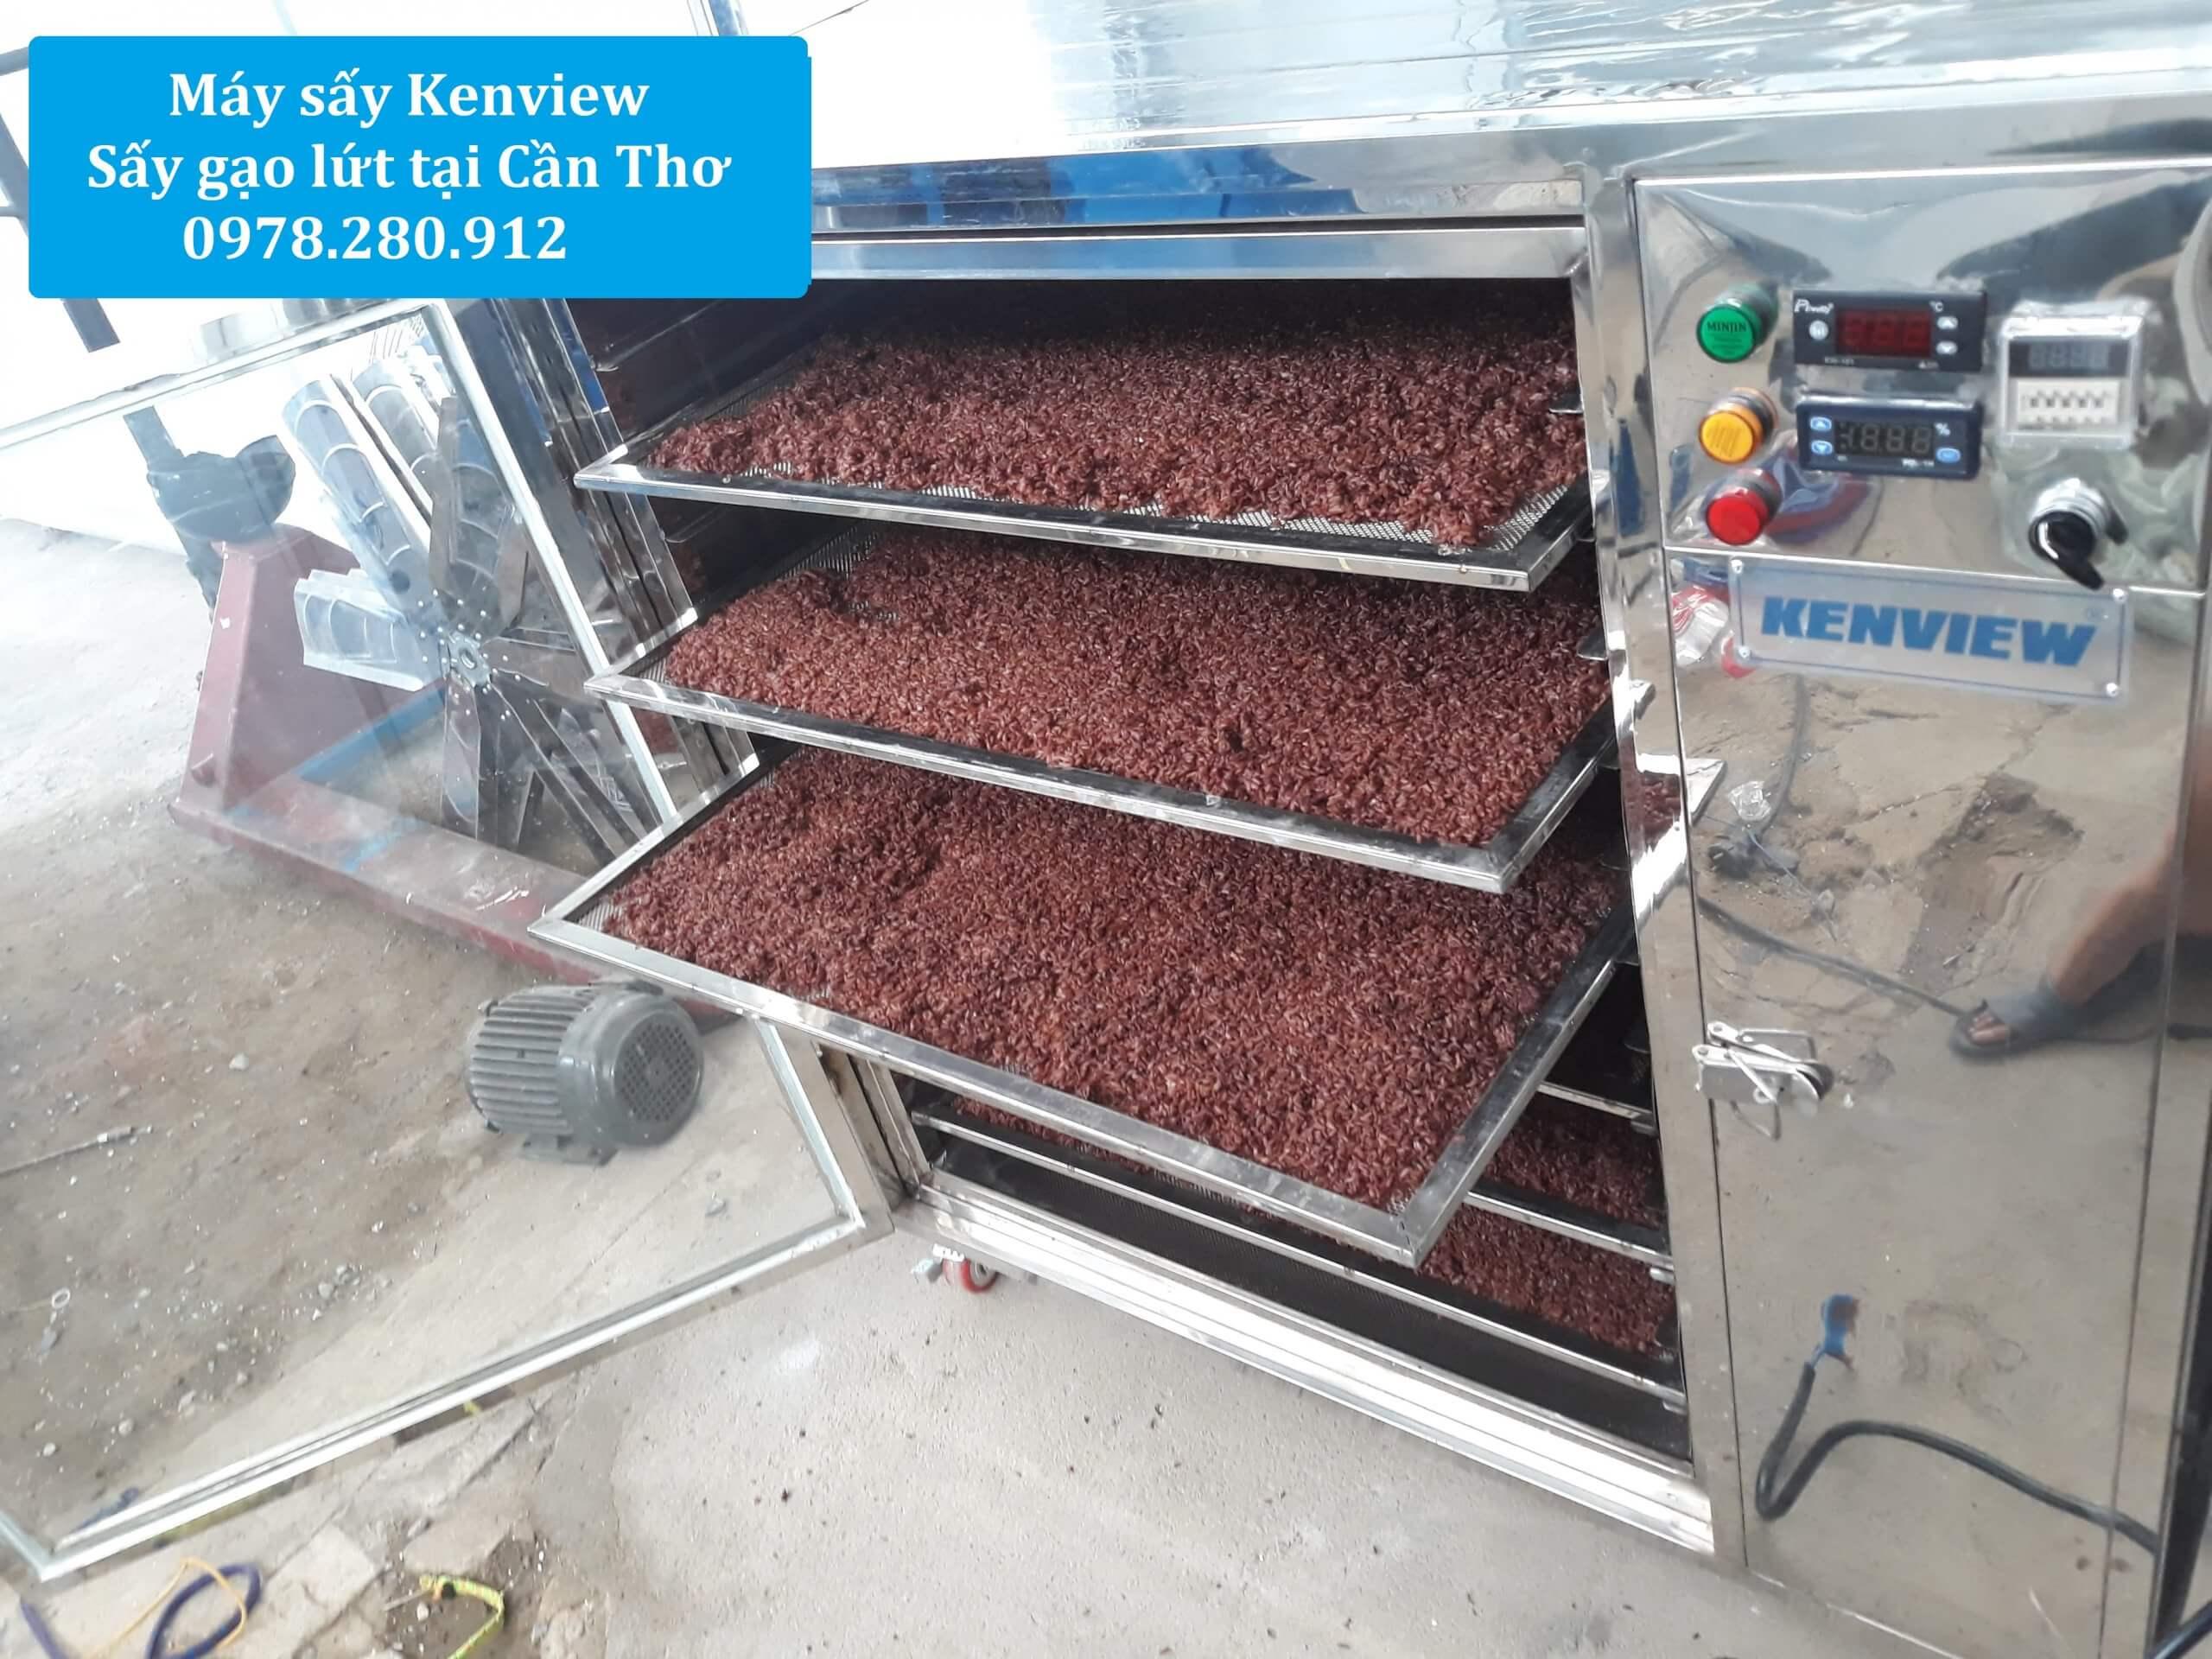 Máy sấy Kenview, máy sấy gạo lứt Tại Cần Thơ. 0978.280.912